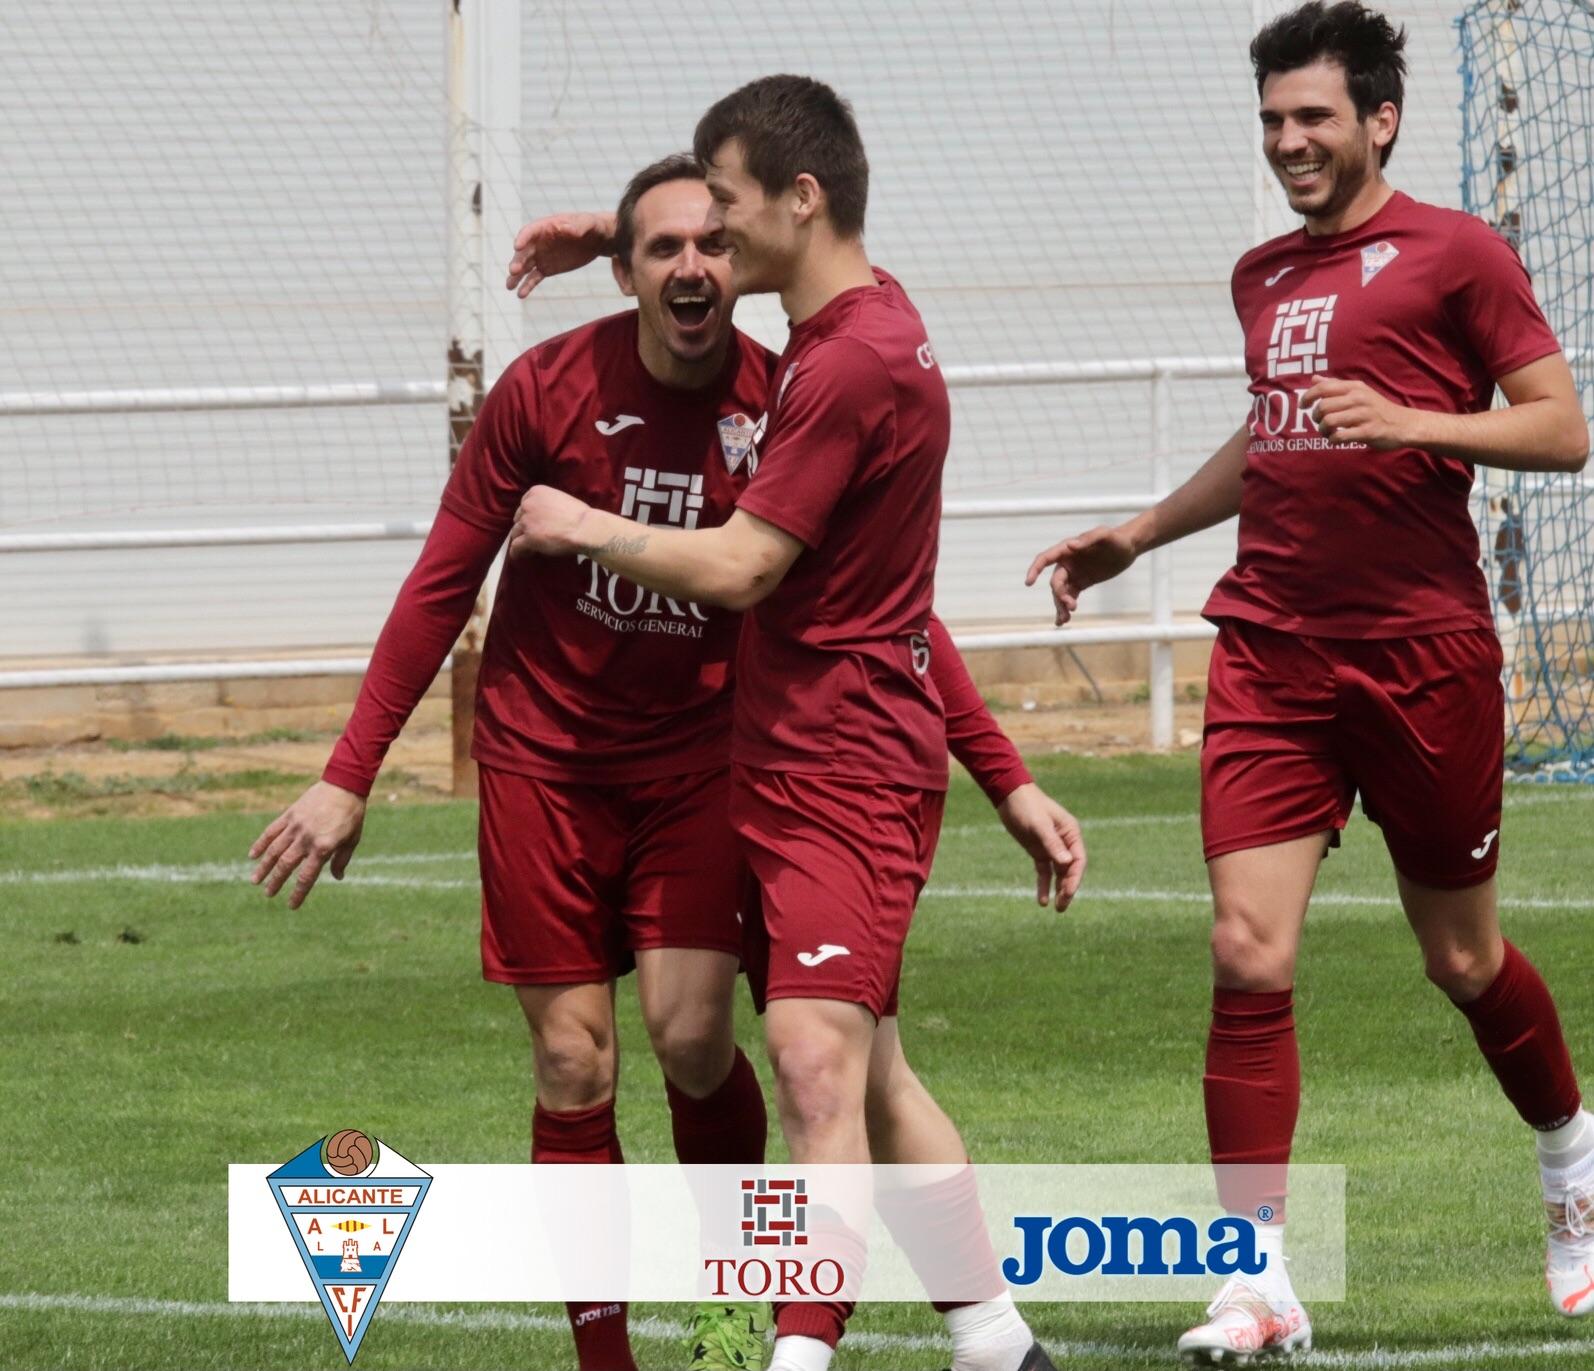 El CFI Alicante vence con autoridad 2-4